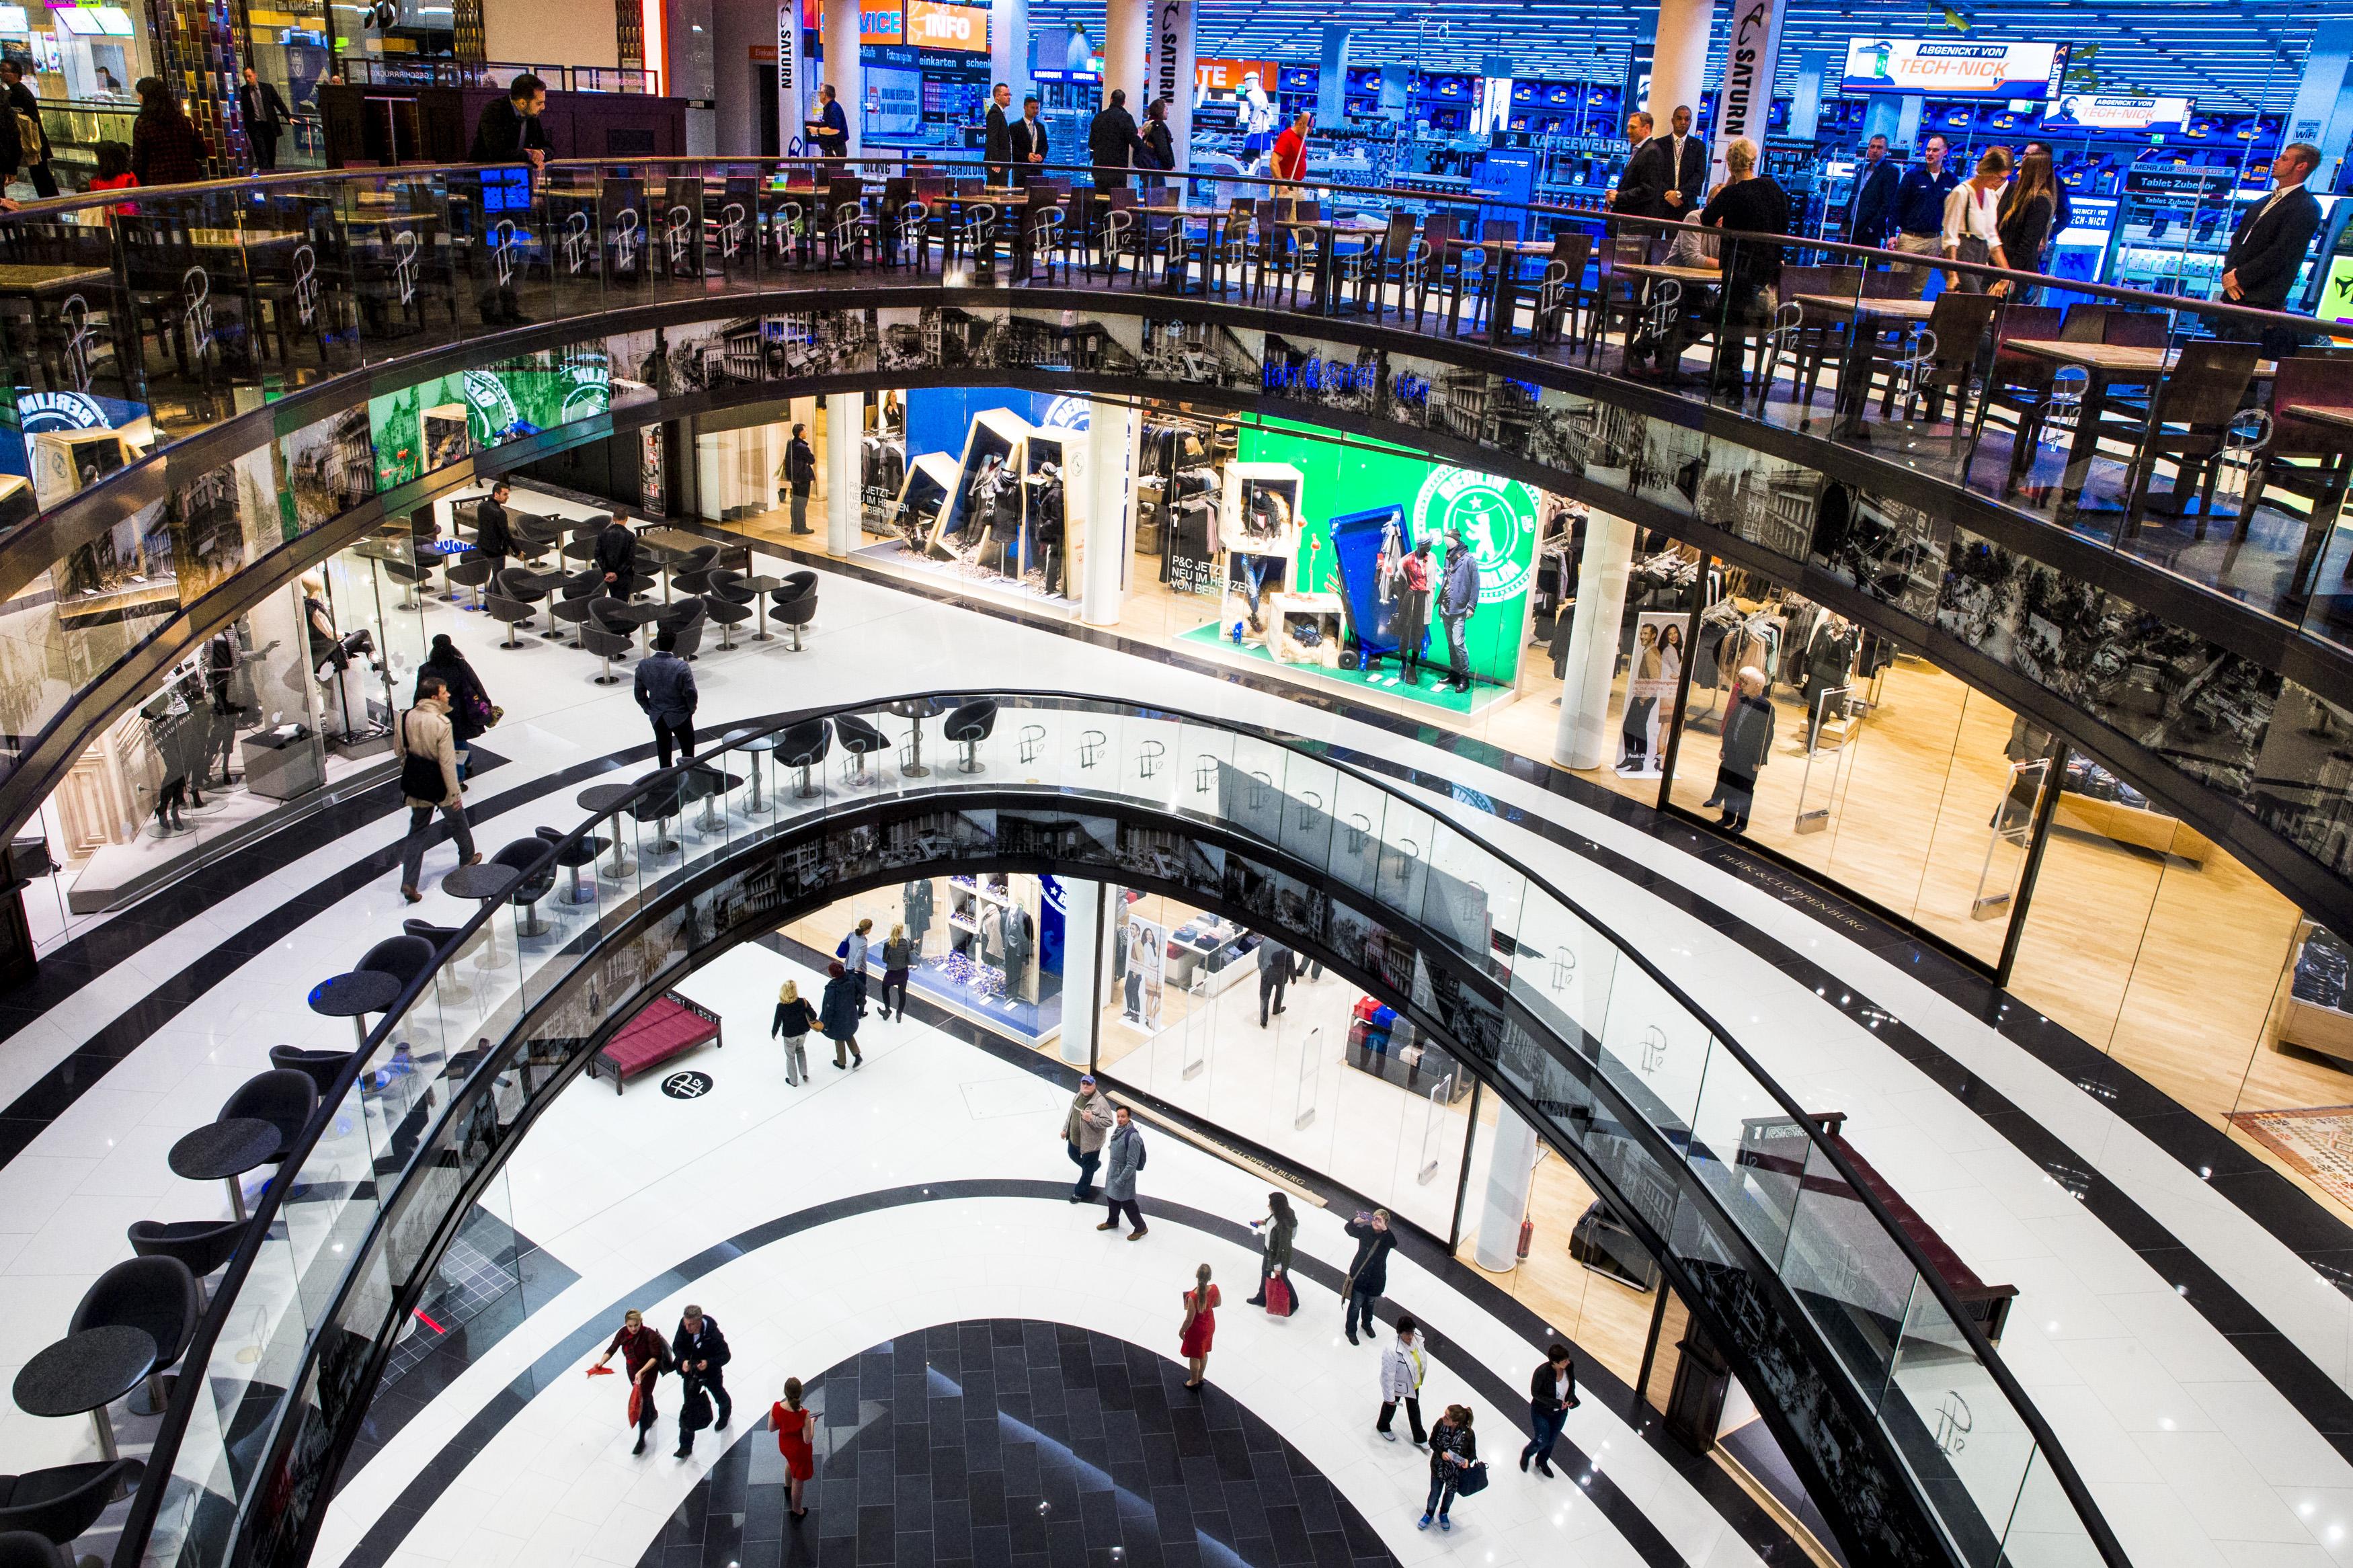 040315_German_Shopping